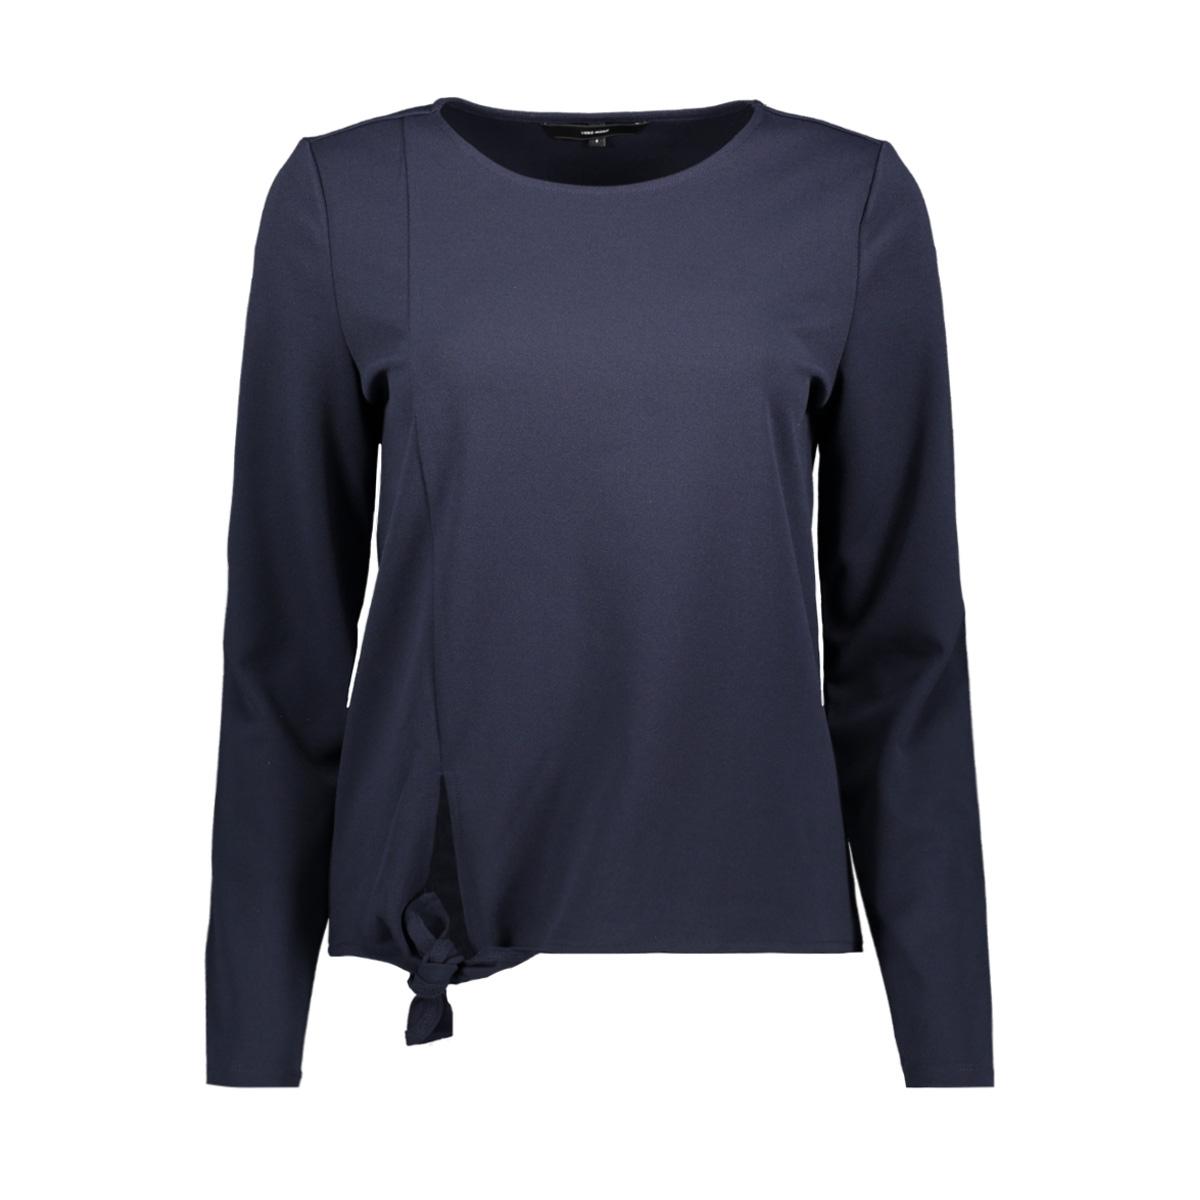 vmbettina l/s midi top jrs 10211975 vero moda t-shirt night sky